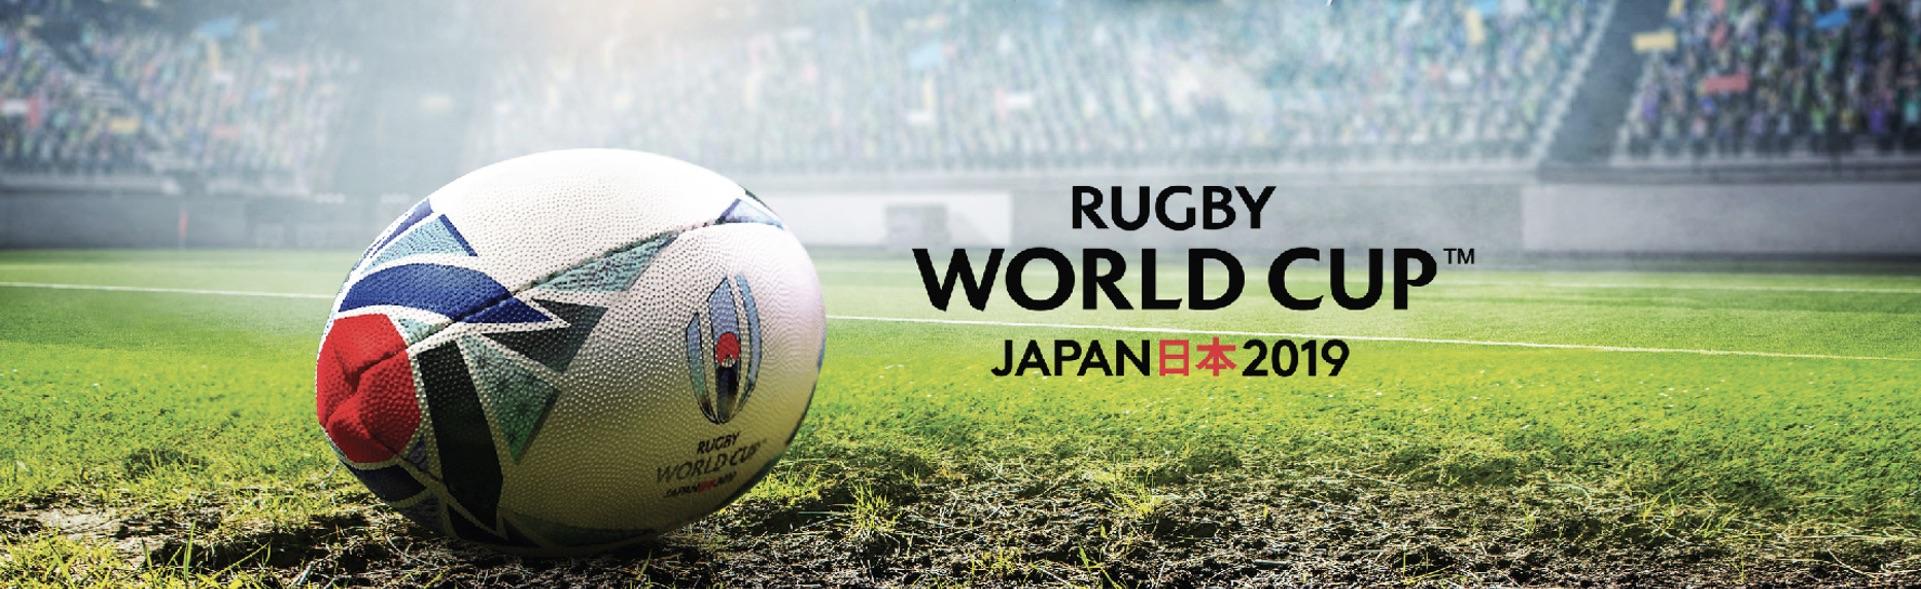 rugby world cup braai pinetown westville chatsworth kloof hillcrest durban supermarket sale specials